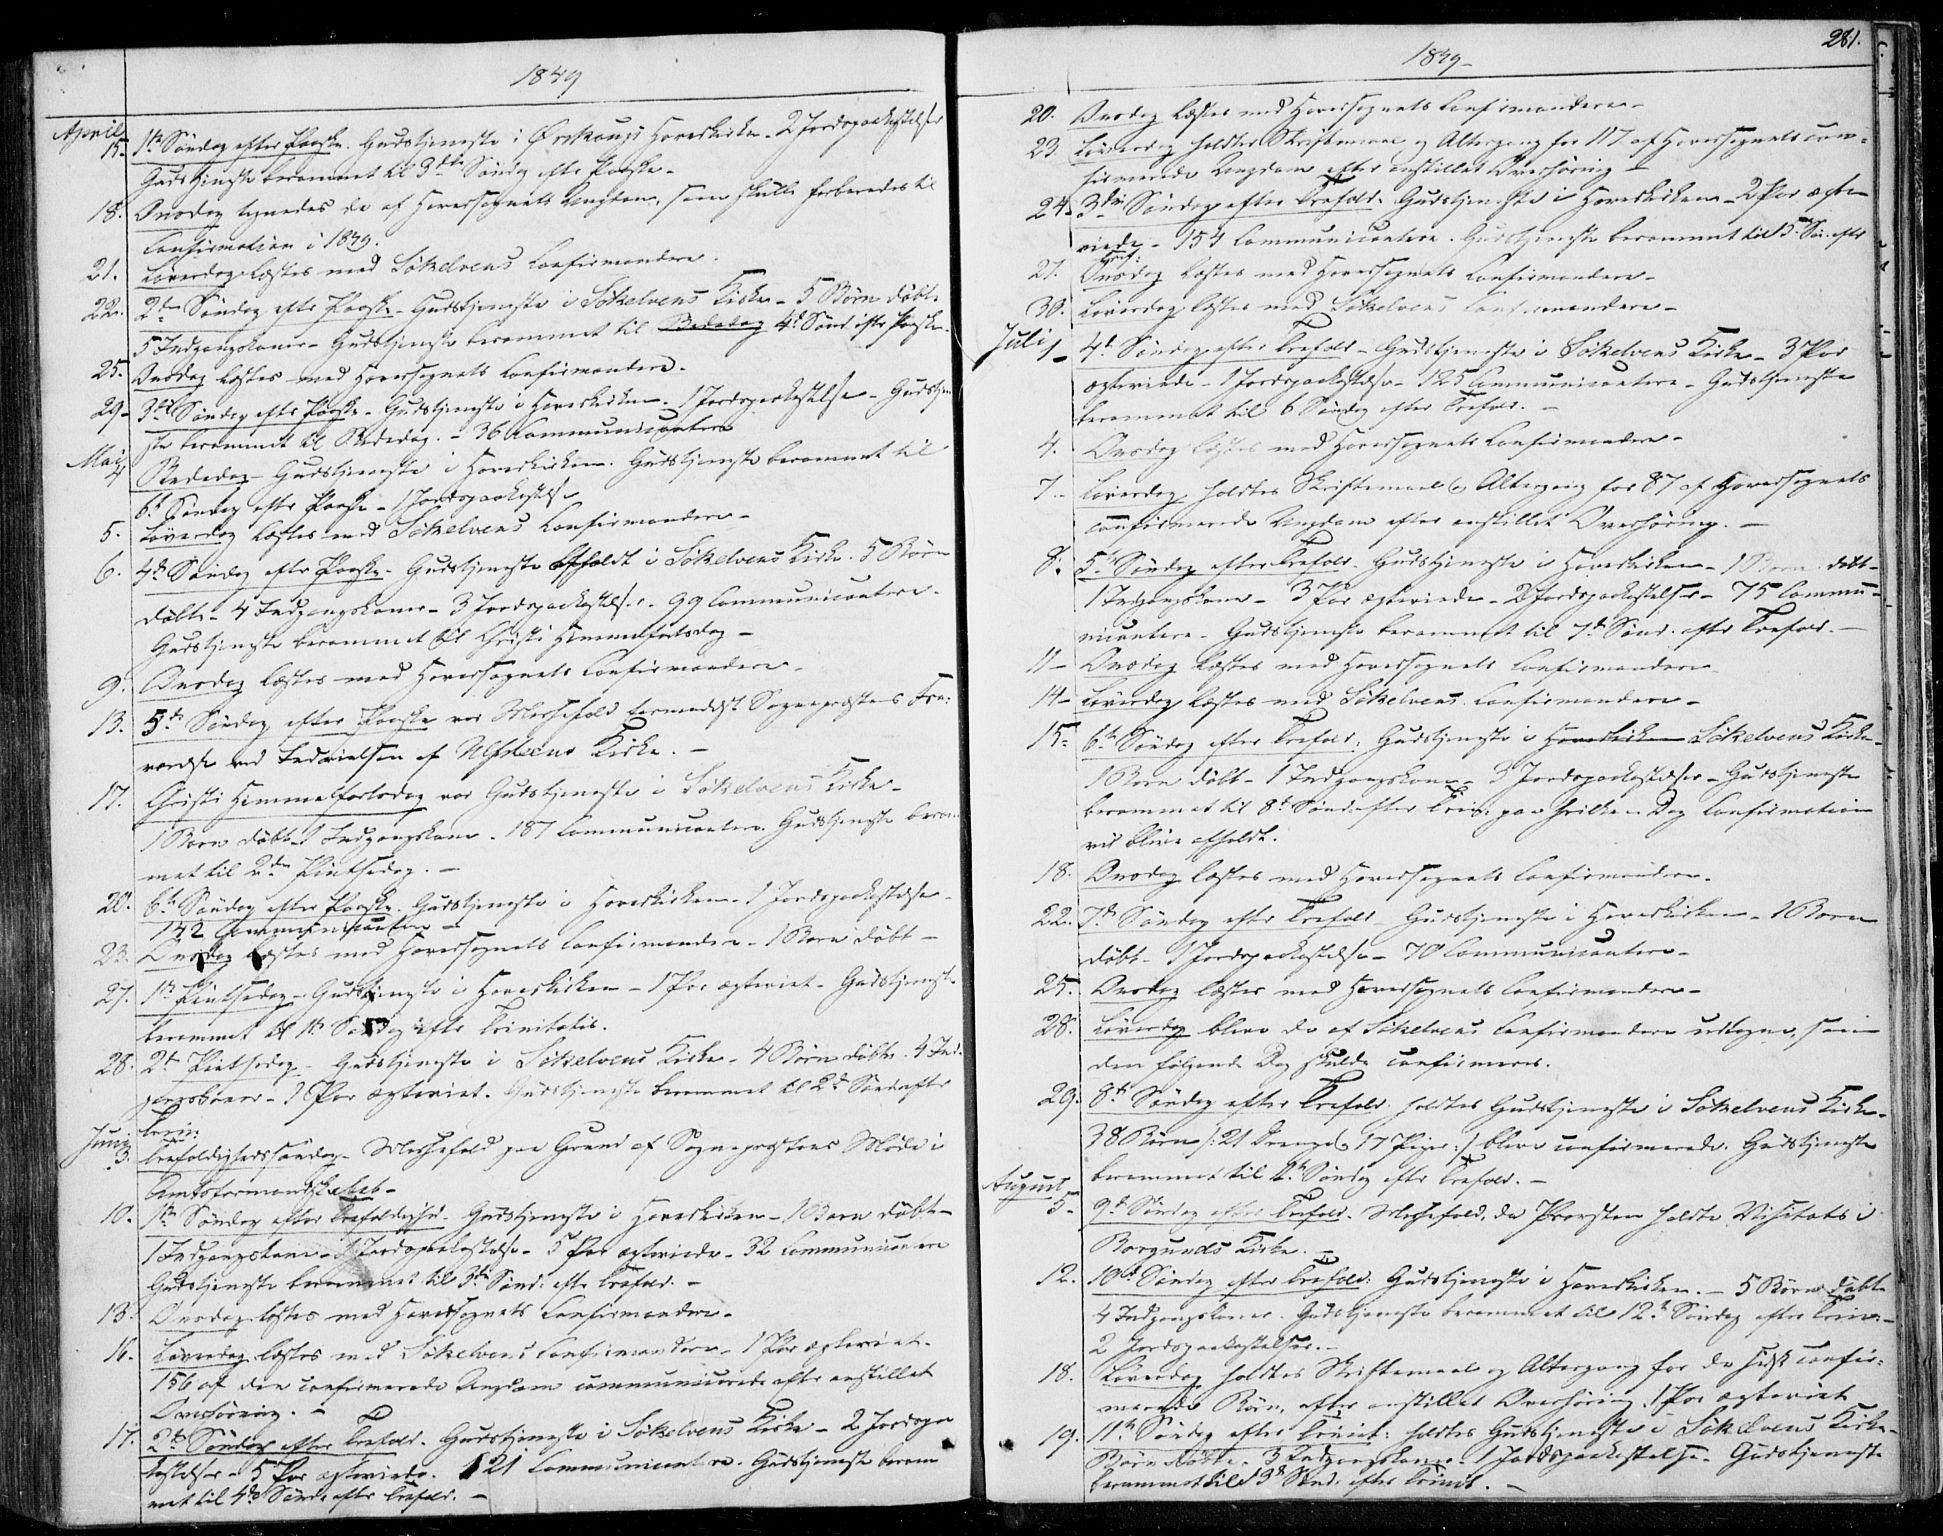 SAT, Ministerialprotokoller, klokkerbøker og fødselsregistre - Møre og Romsdal, 522/L0312: Ministerialbok nr. 522A07, 1843-1851, s. 281